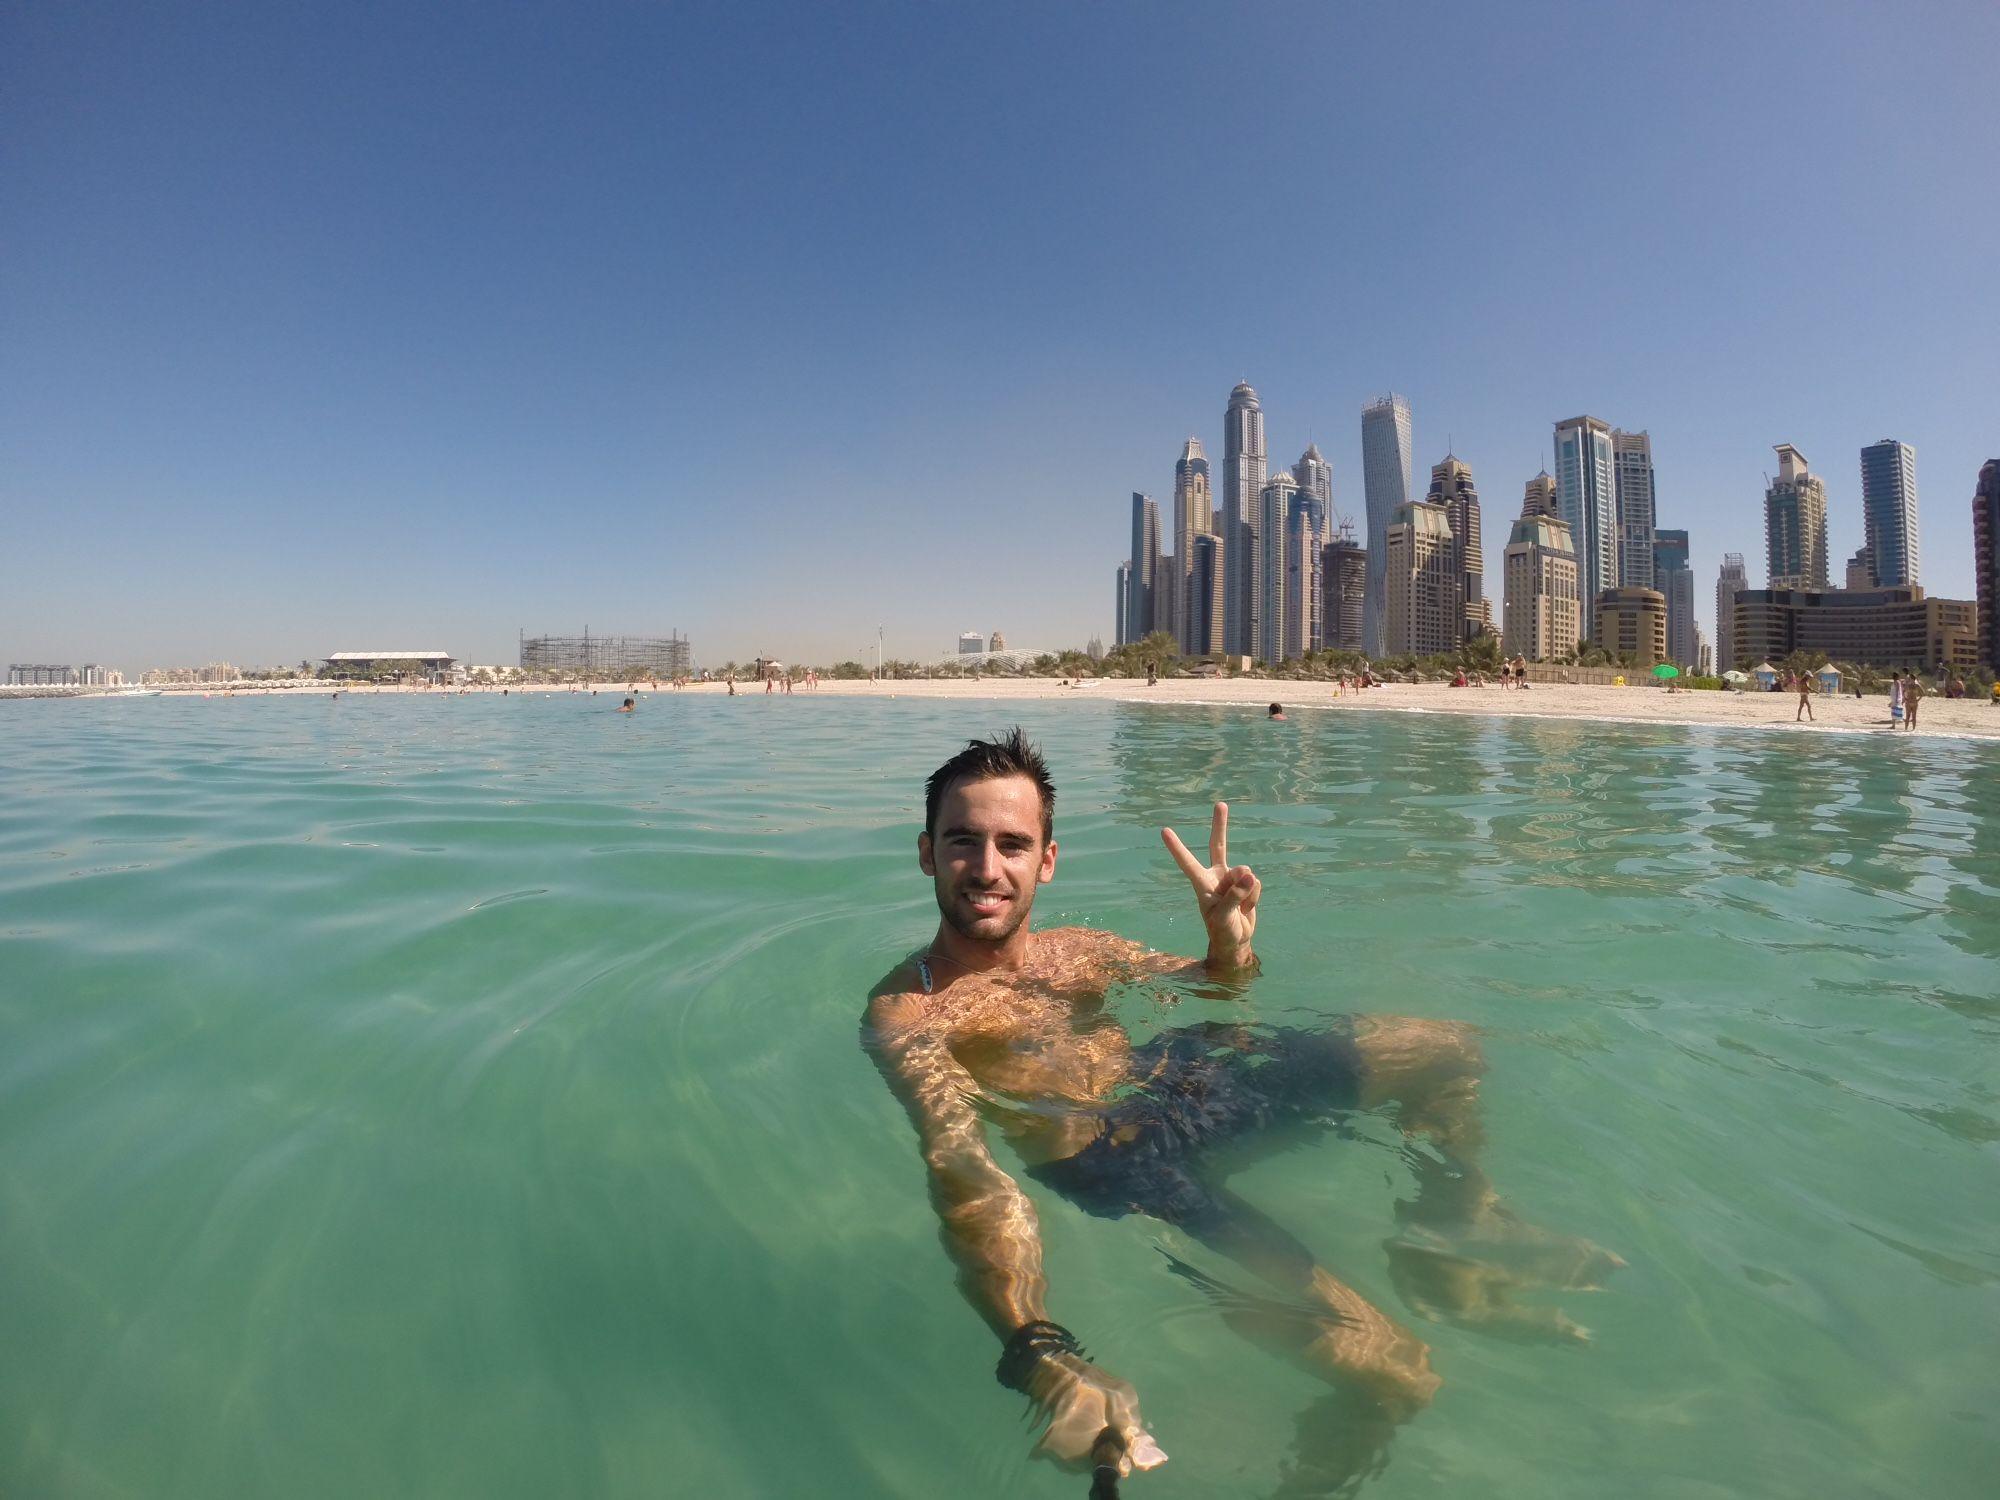 Qué Tanto Puedes Hacer En Dubai Dubai Hice Actividades